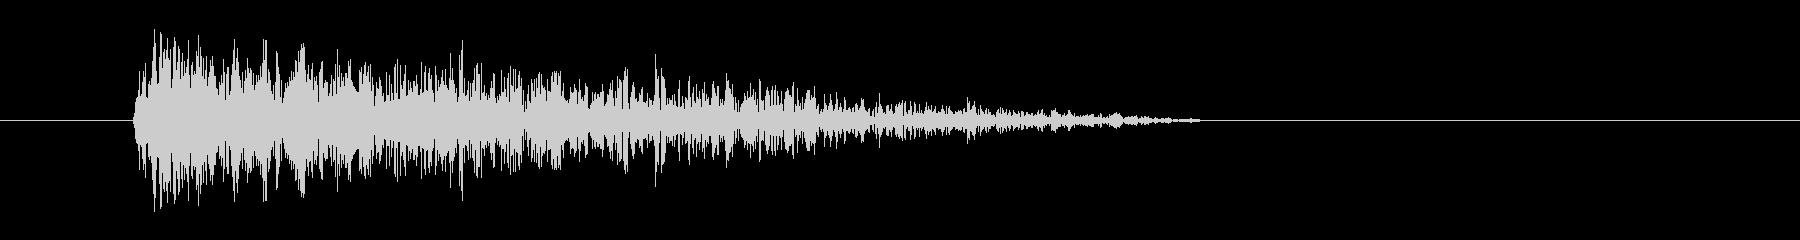 レーザー音-36-3の未再生の波形